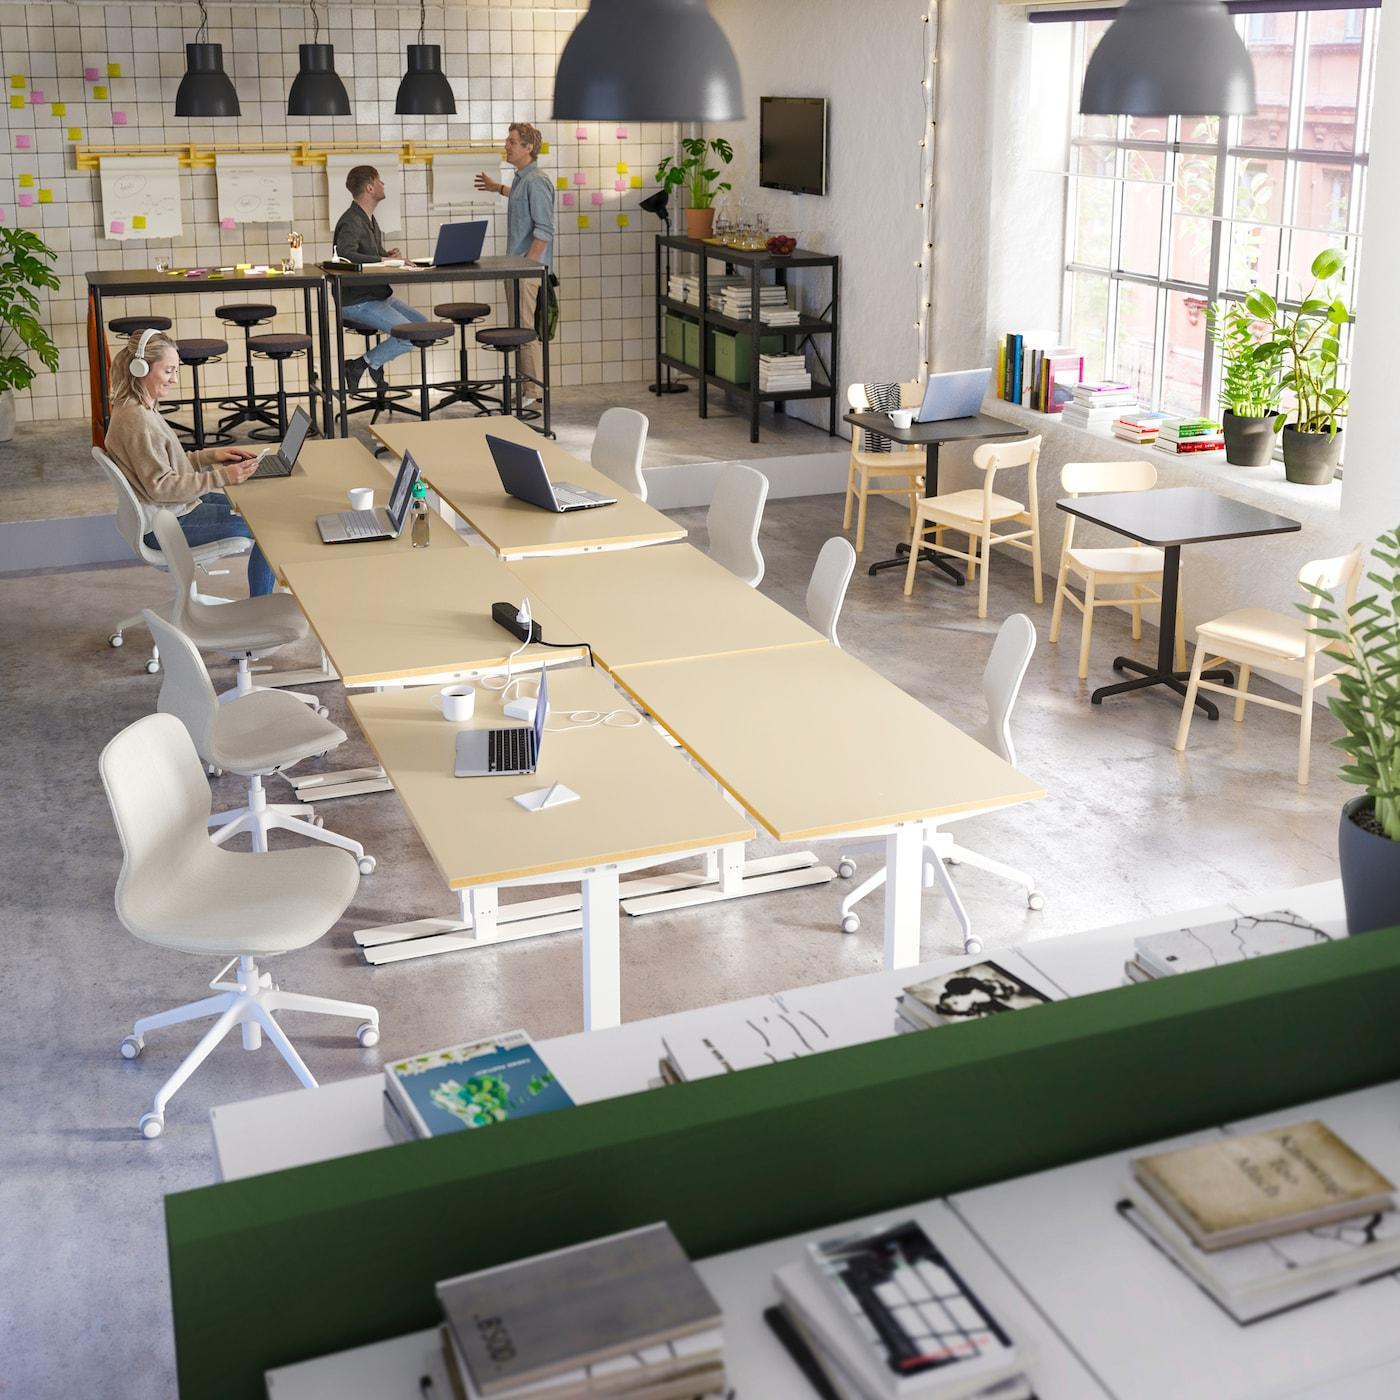 Большой офис с открытой планировкой, двое мужчин работают за высокими столами, за столом на белом стуле сидит женщина и пишет электронные письма.